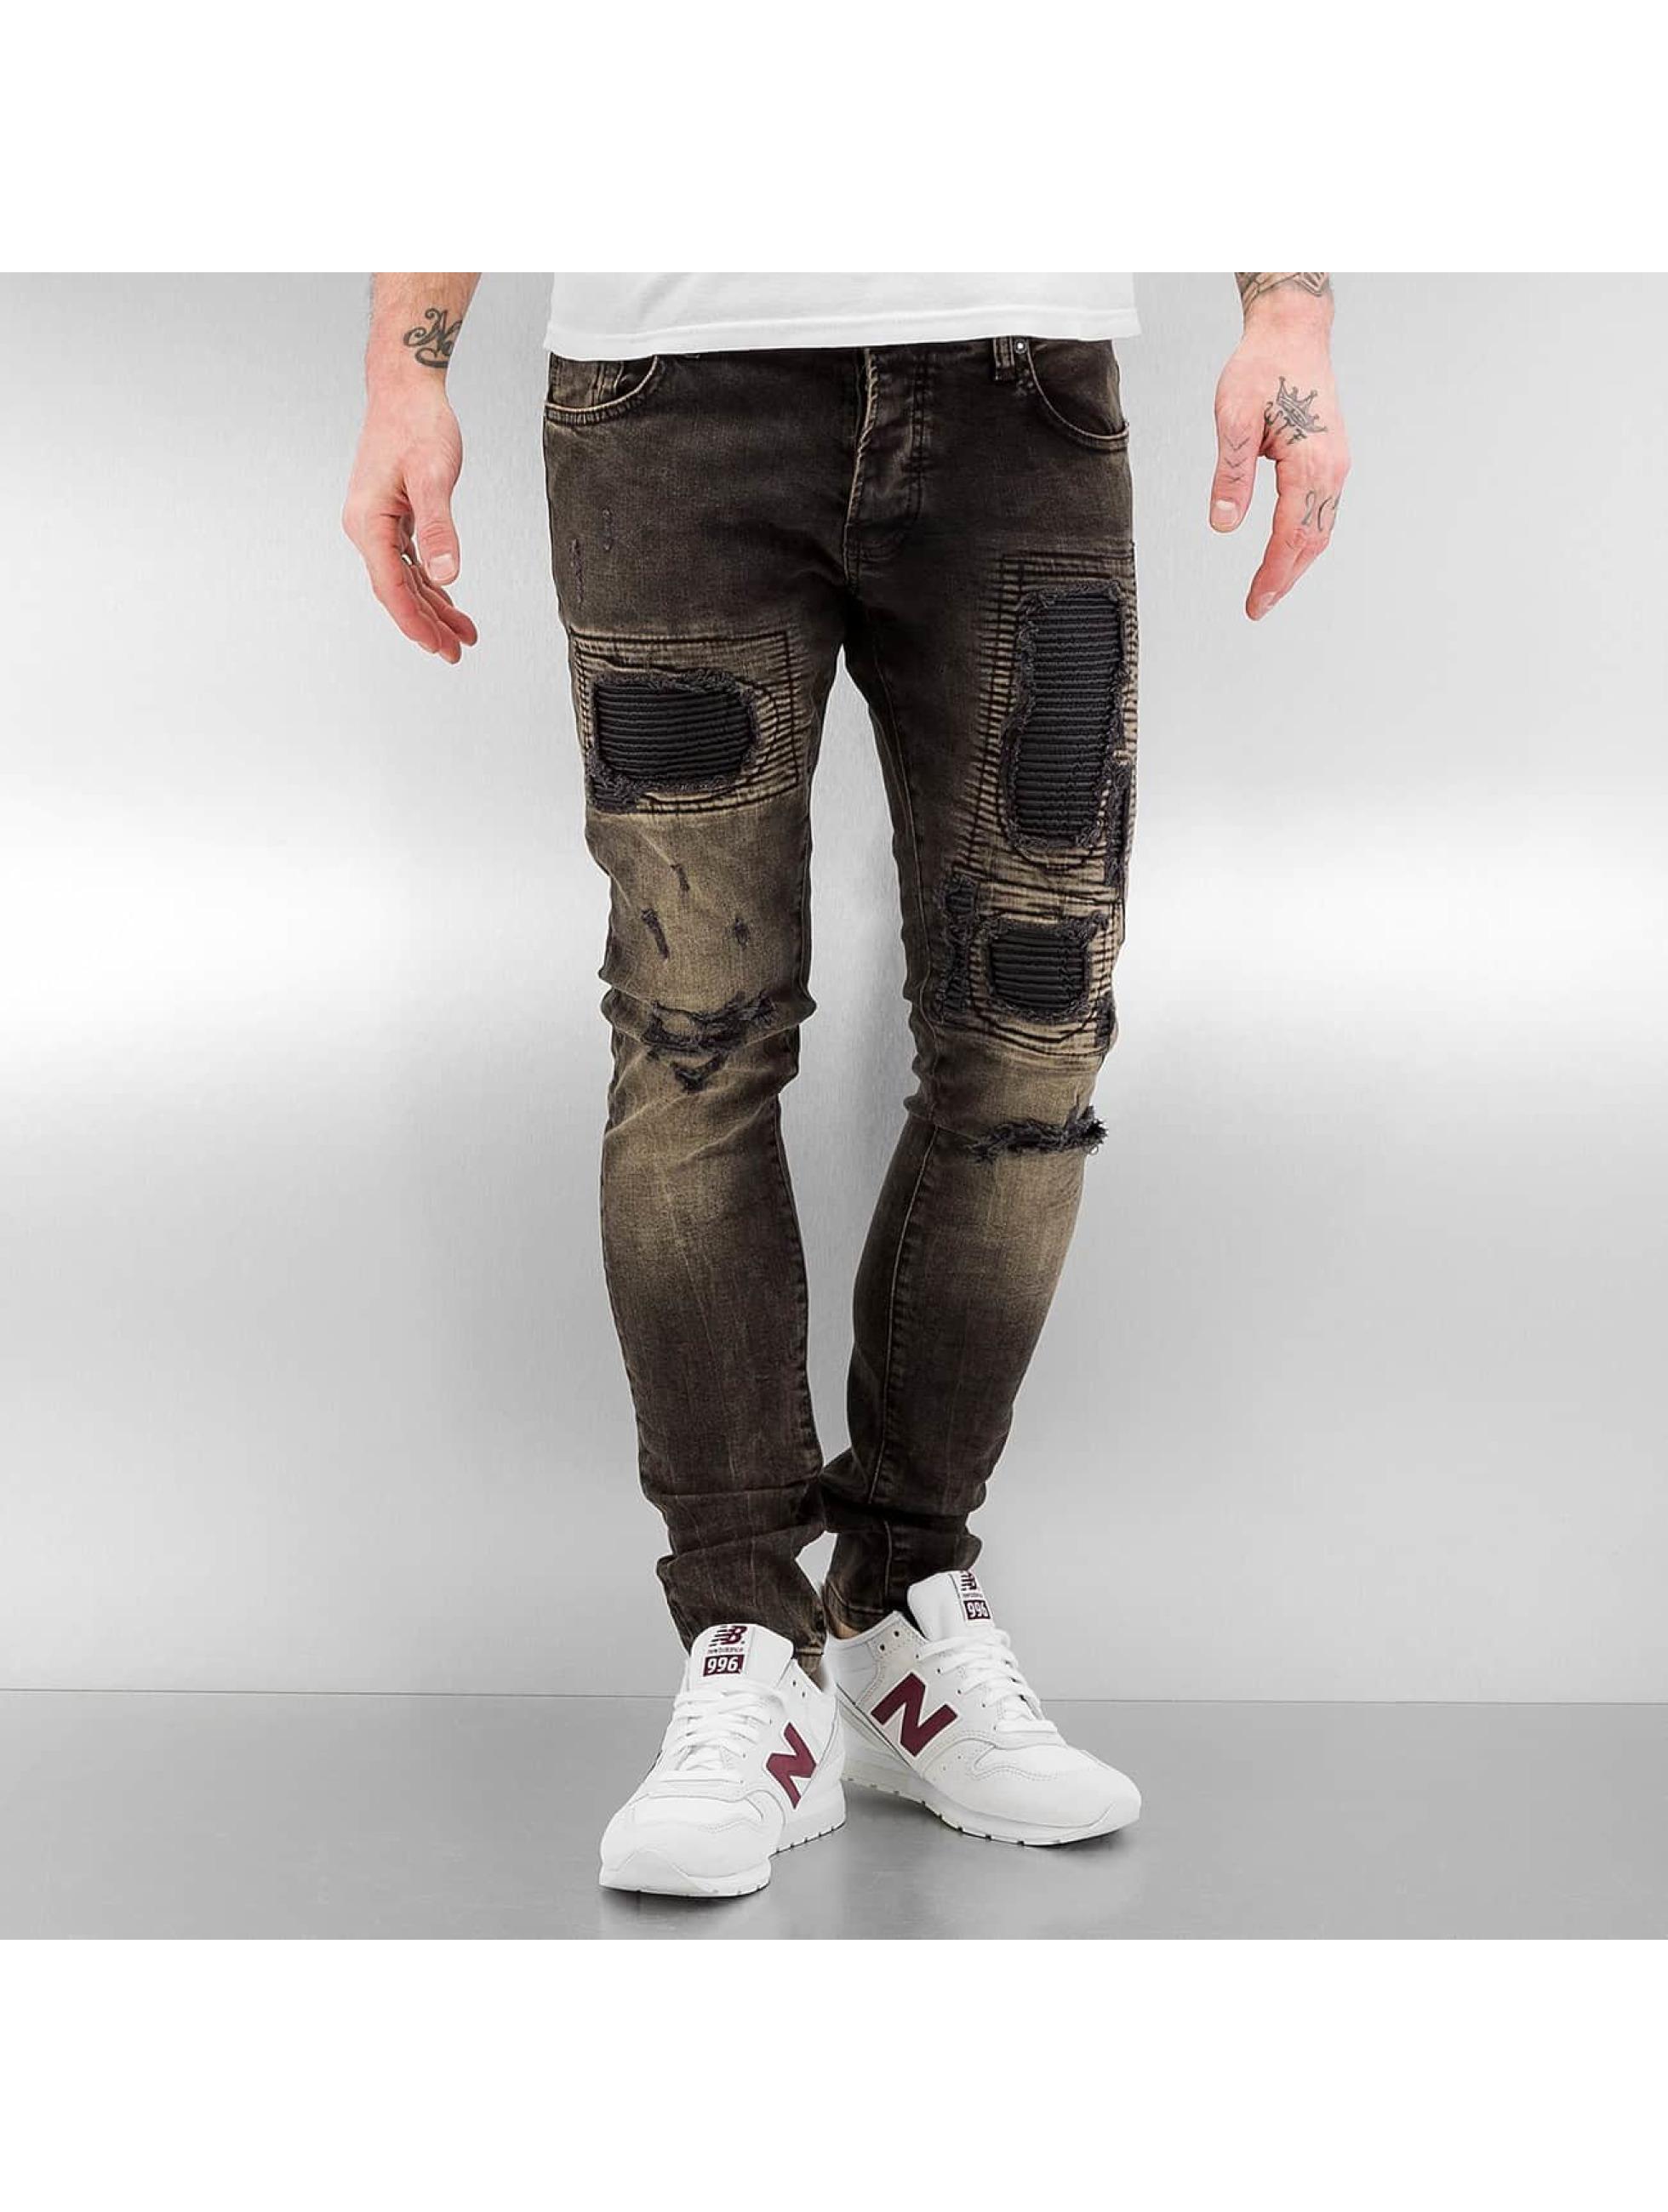 2Y / Skinny Jeans Norwich in black W 32